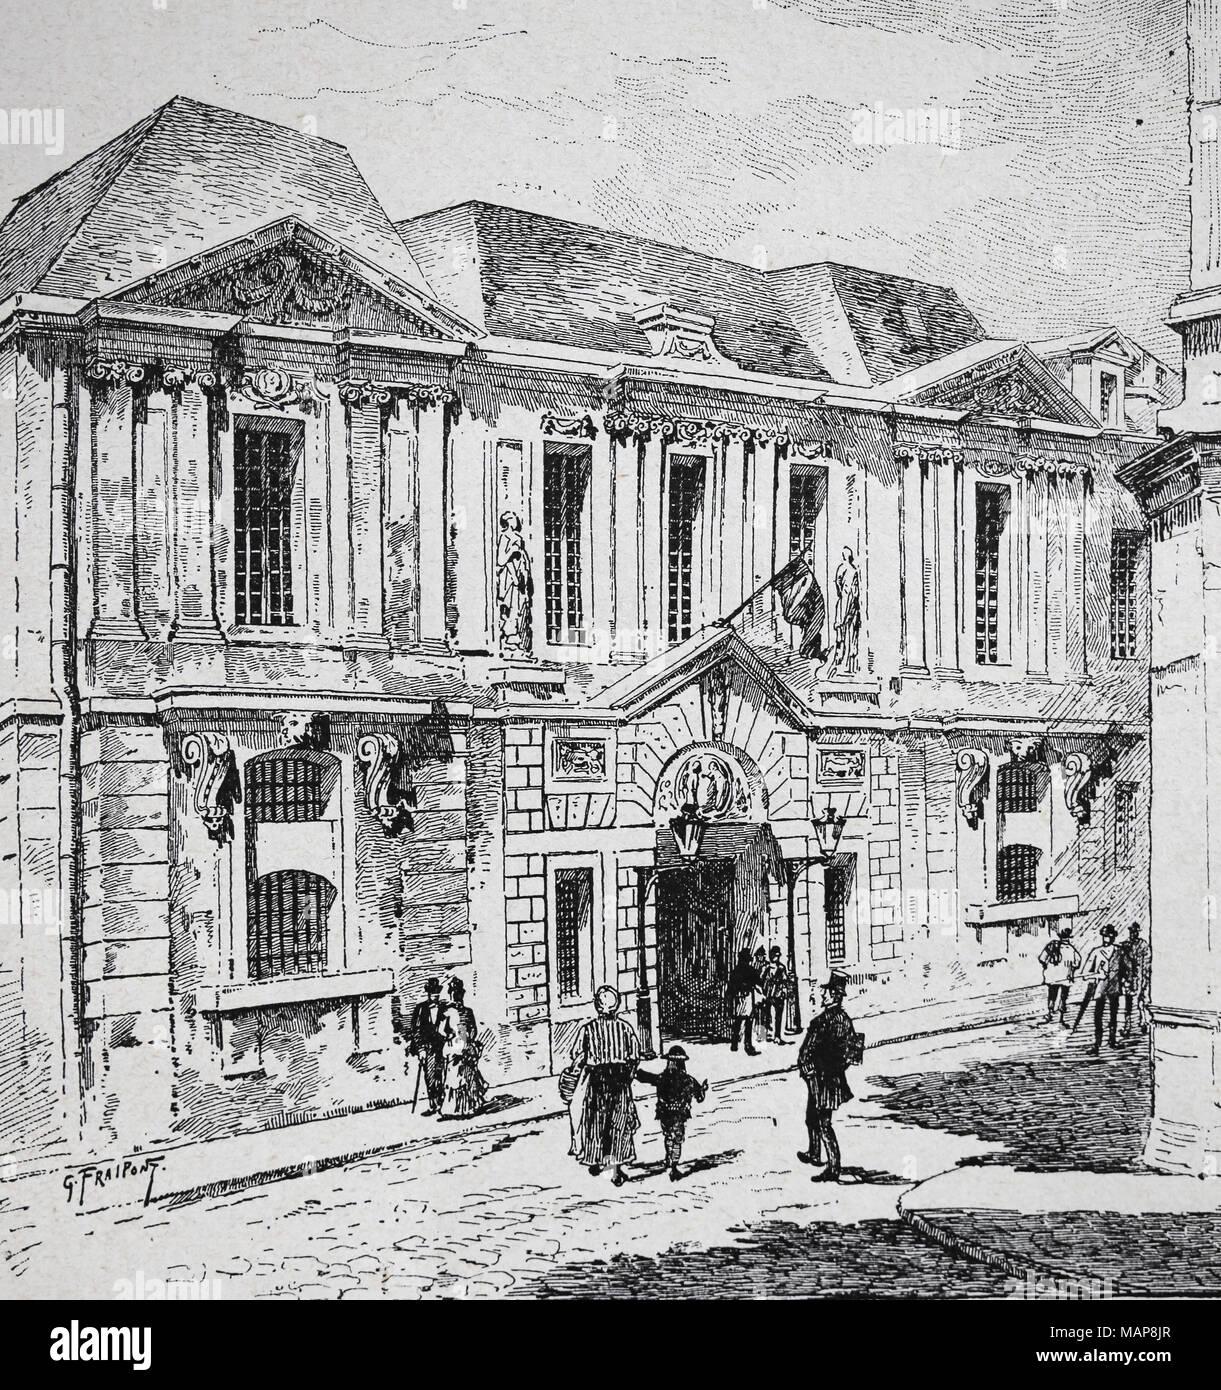 Francia. París. Archivo histórico en el hotel Carnavalet. Grabado del siglo XIX. Imagen De Stock